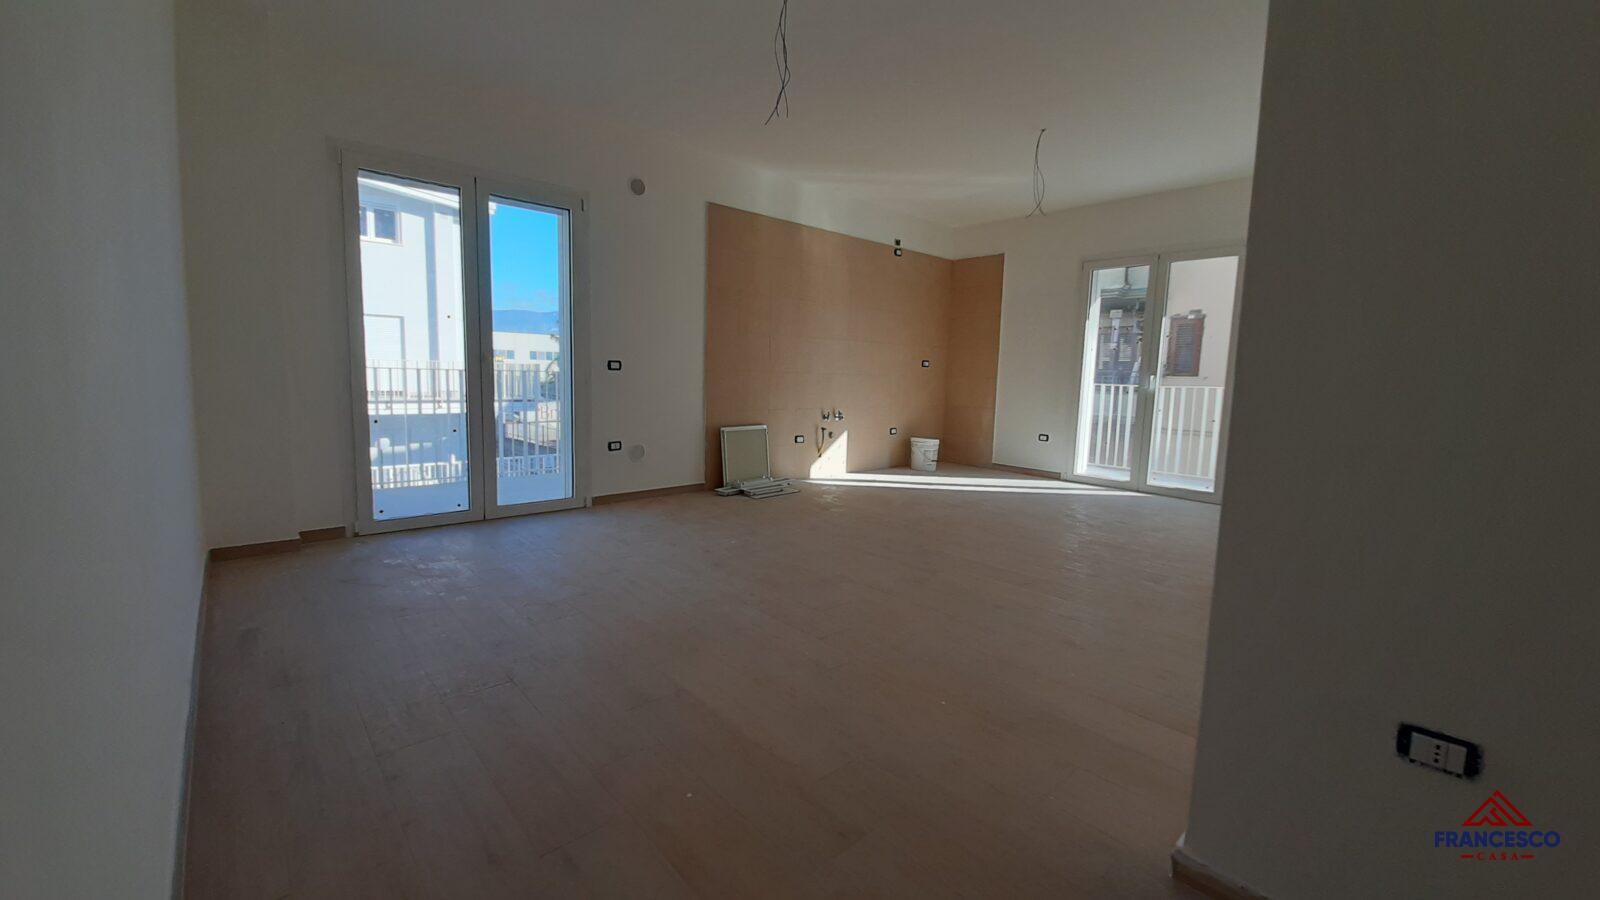 Appartamento con box auto in vendita ad Angri via Nazionale.